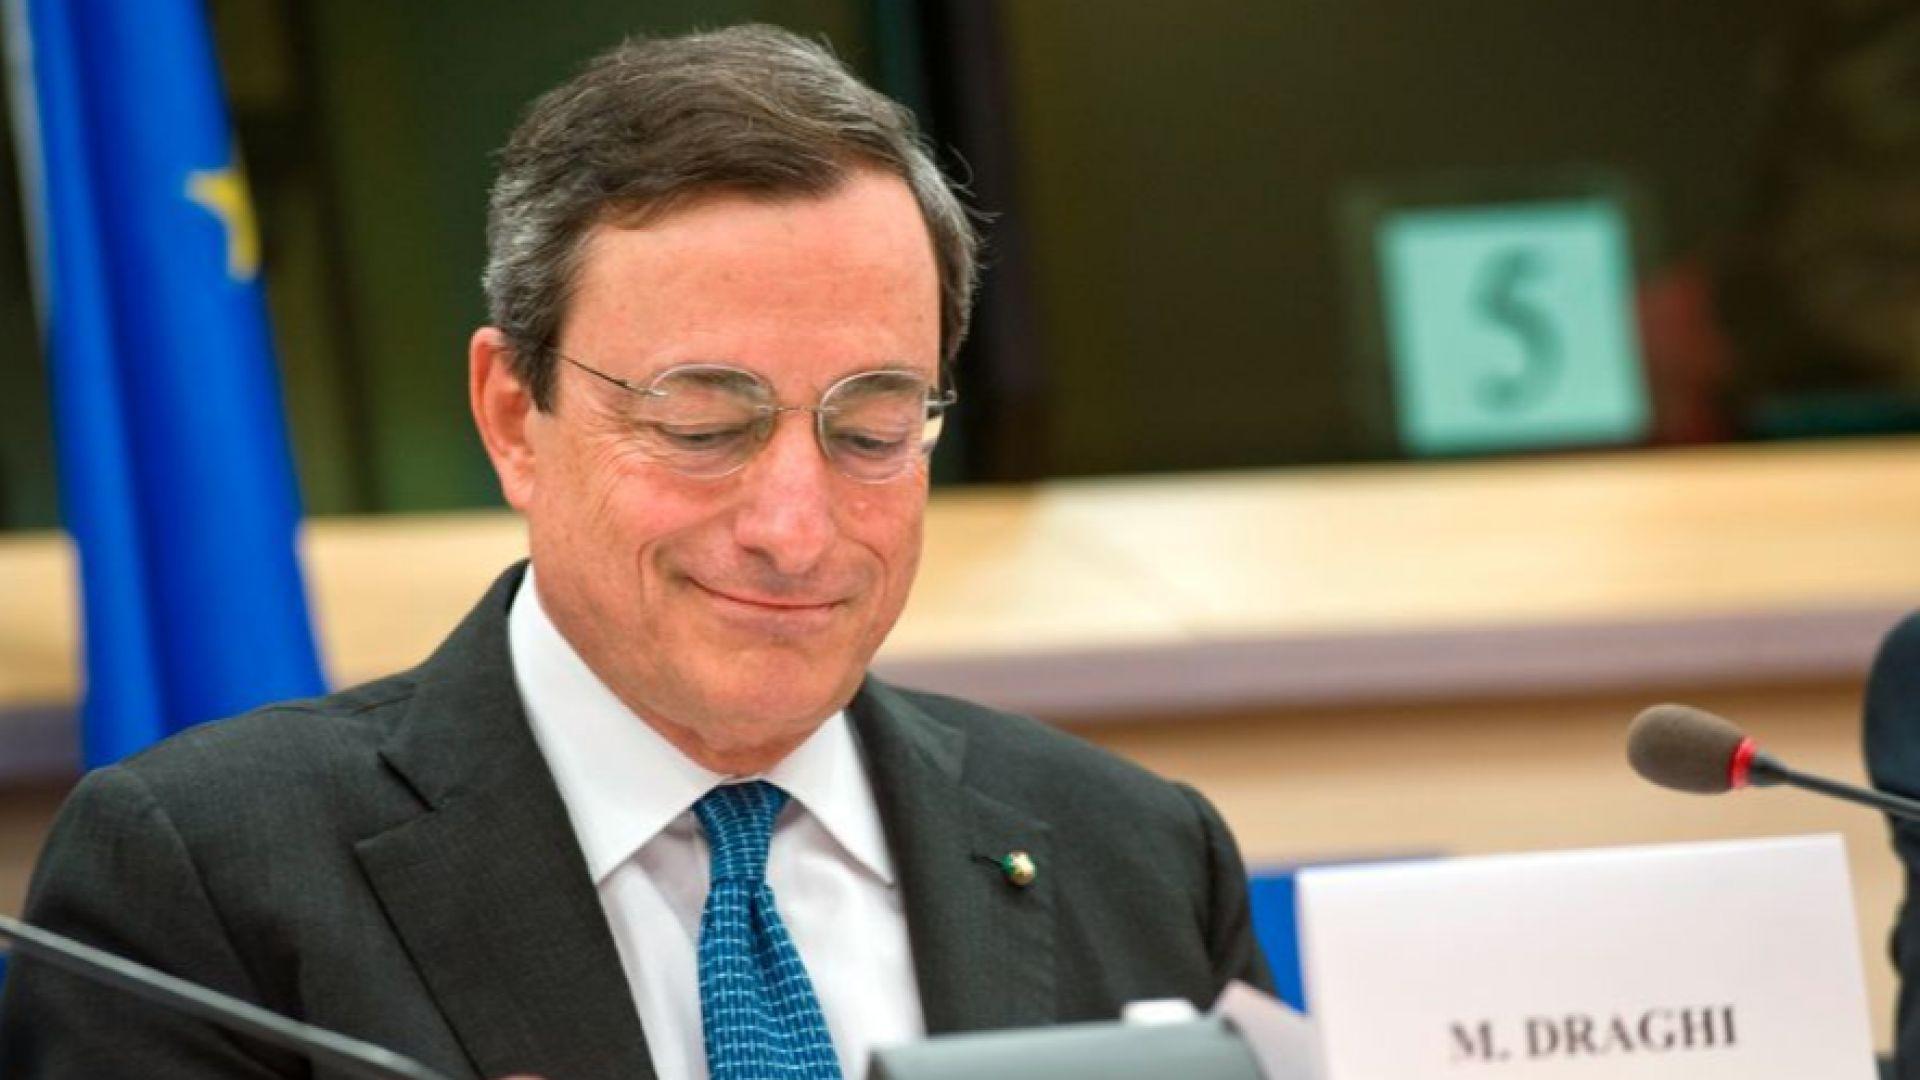 Марио Драгни: Инфлацията в еврозоната още зависи от щедростта на ЕЦБ